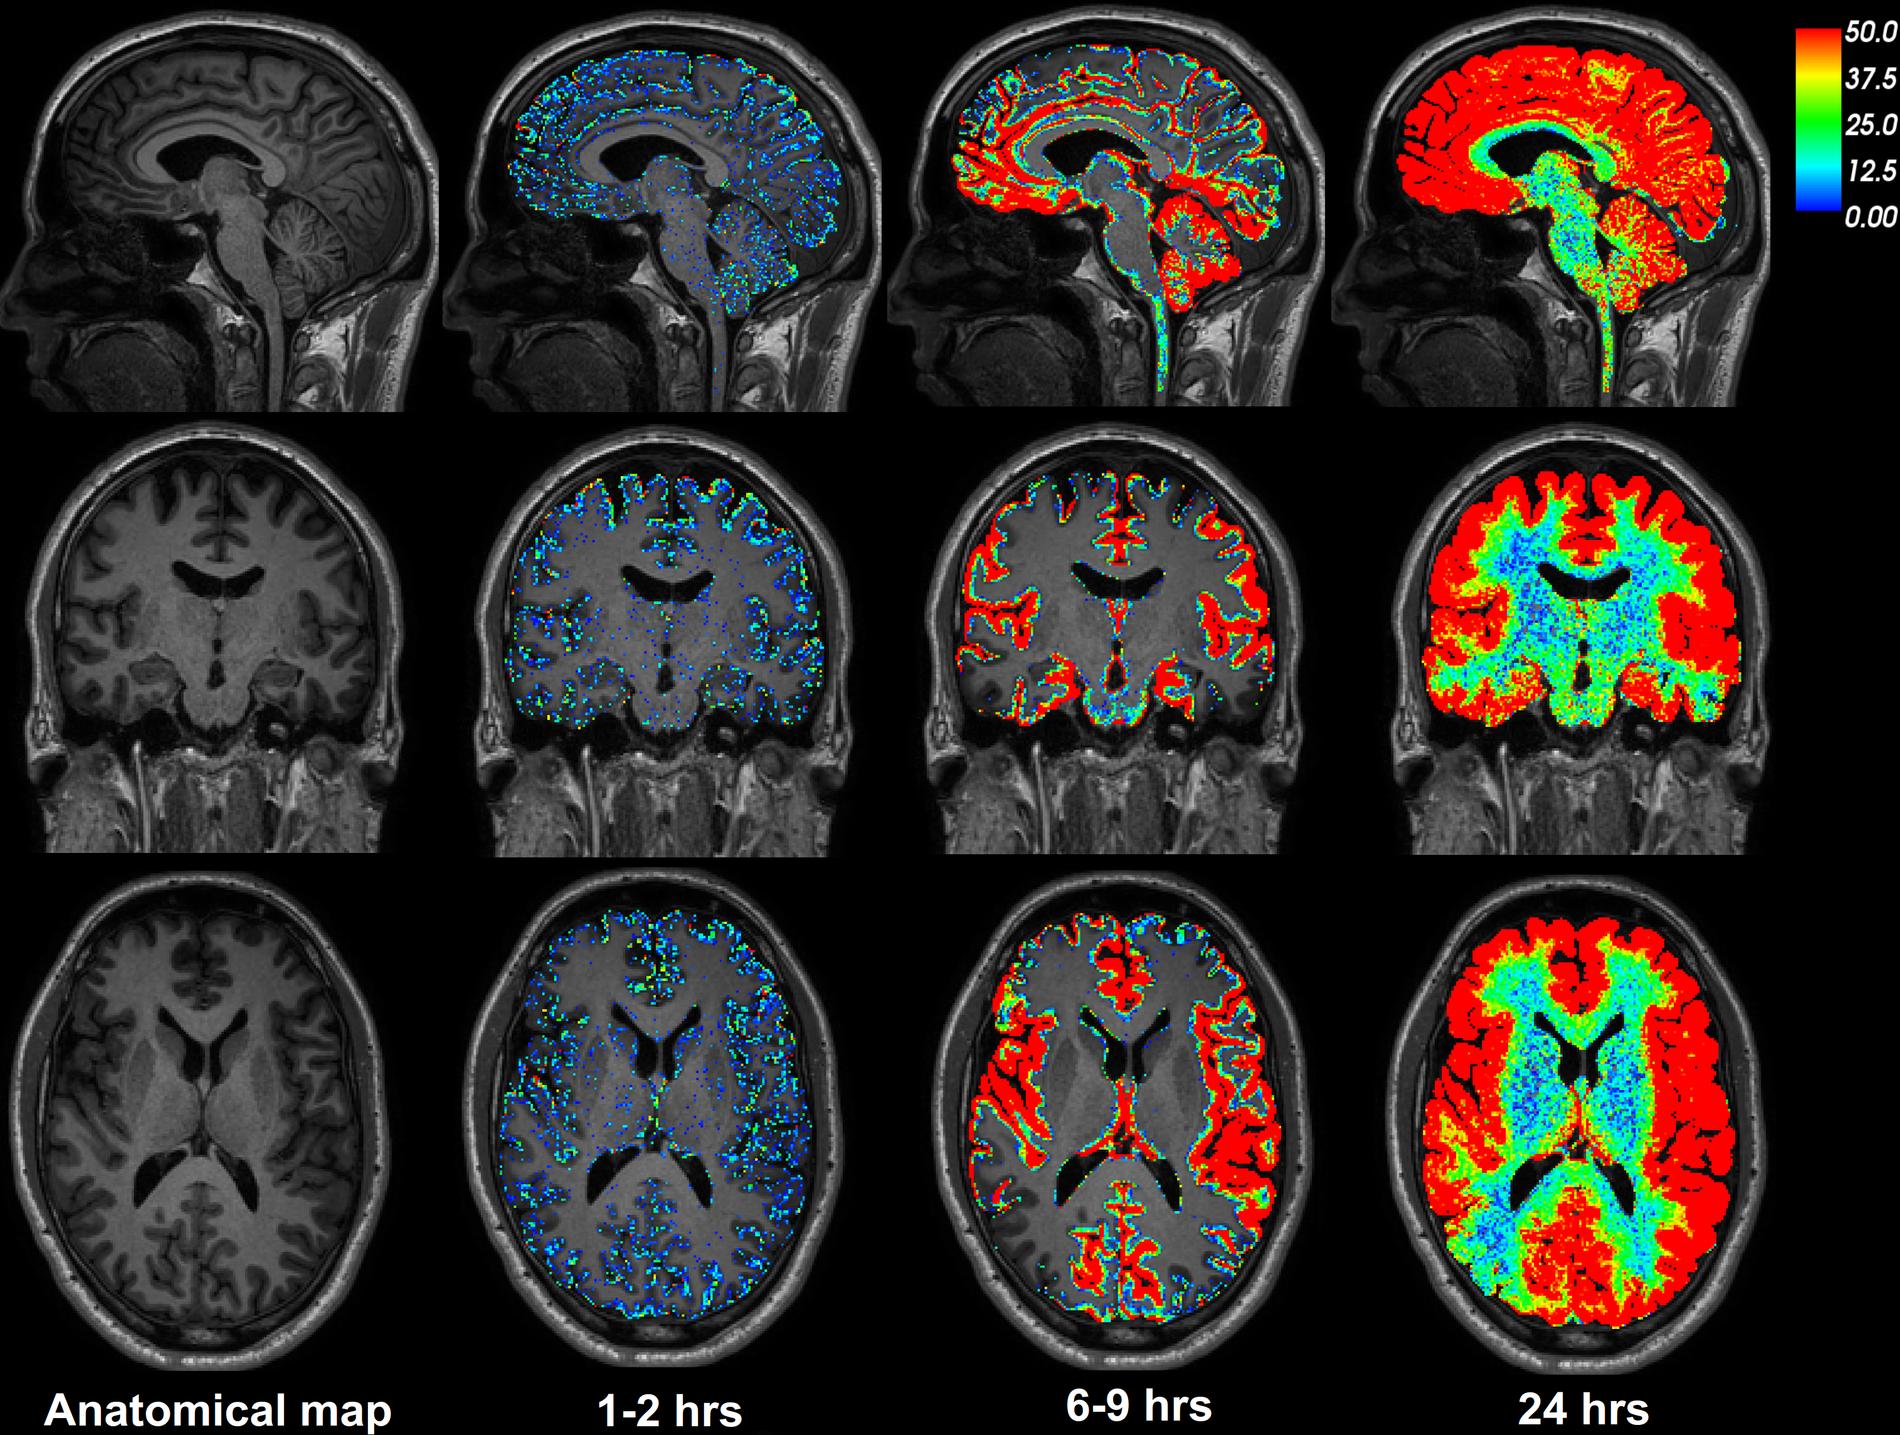 KONTROLLPASIENT: Her ser du hvordan sporstoffet går gjennom hele hjernen, markert ved at den røde fargen blir mer tydelig ettersom tiden går.